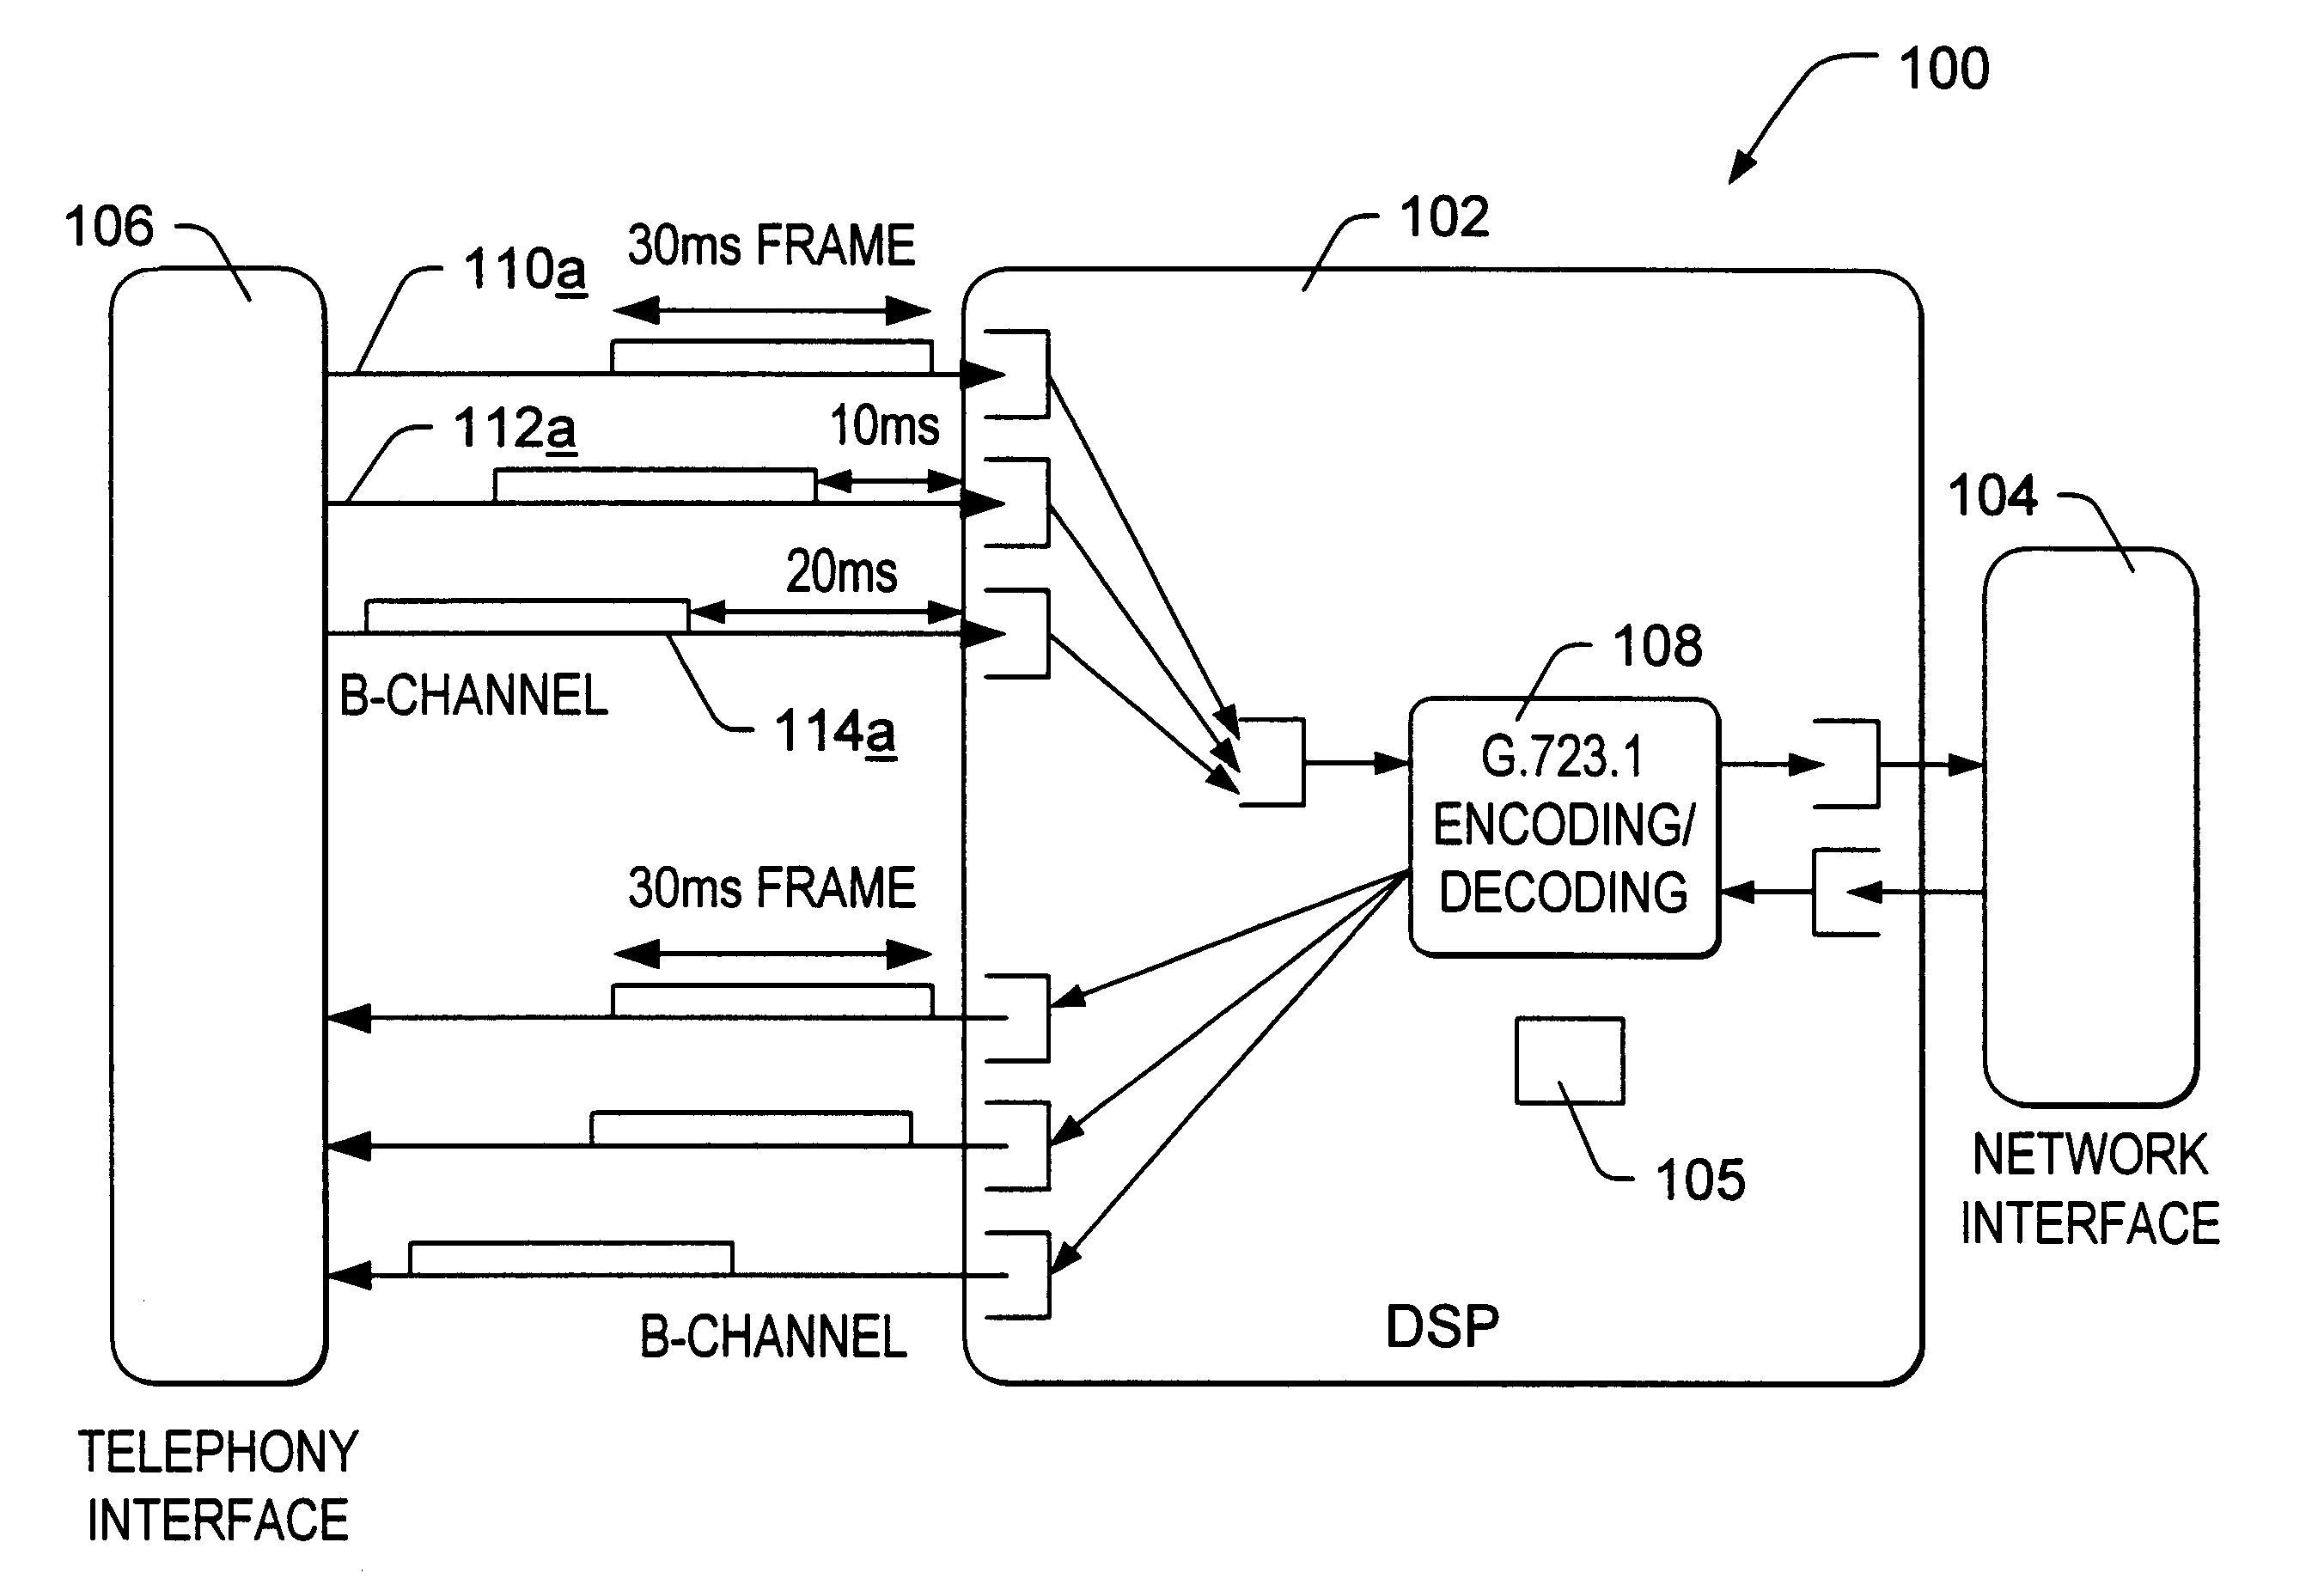 براءة الاختراع US6269095 - B-channel synchronization for G